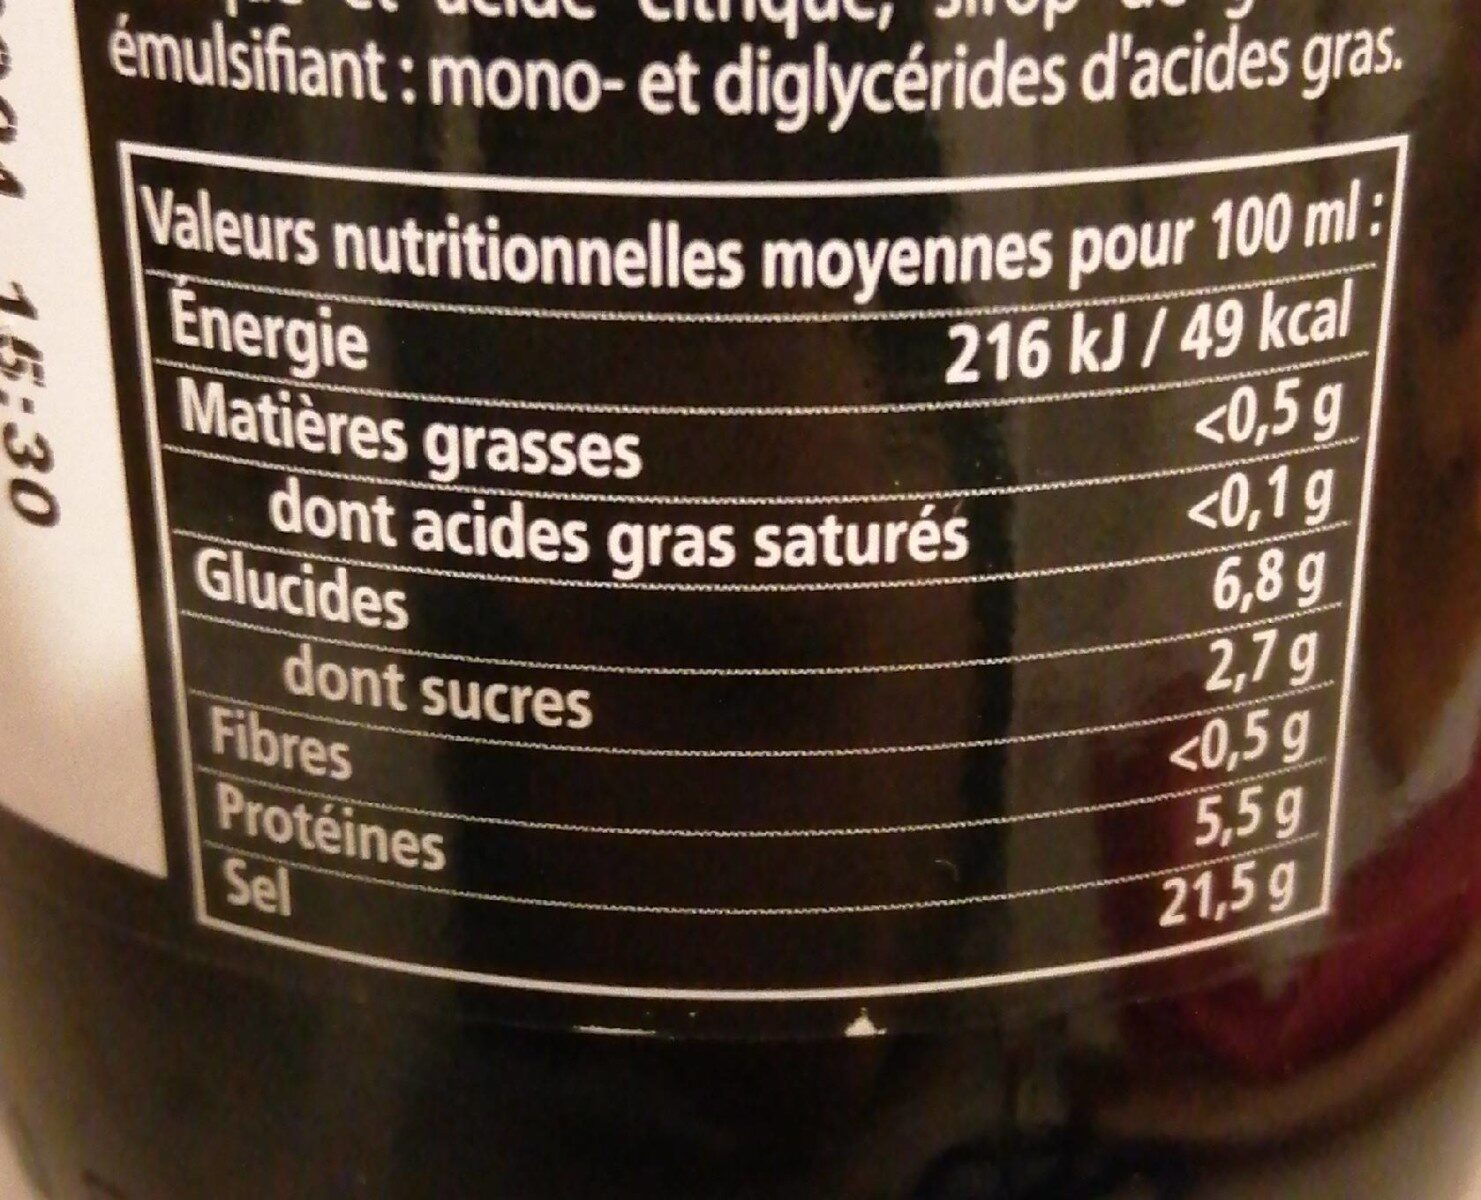 Knorr Viandox Assaisonnement Liquide 665ml - Nutrition facts - fr